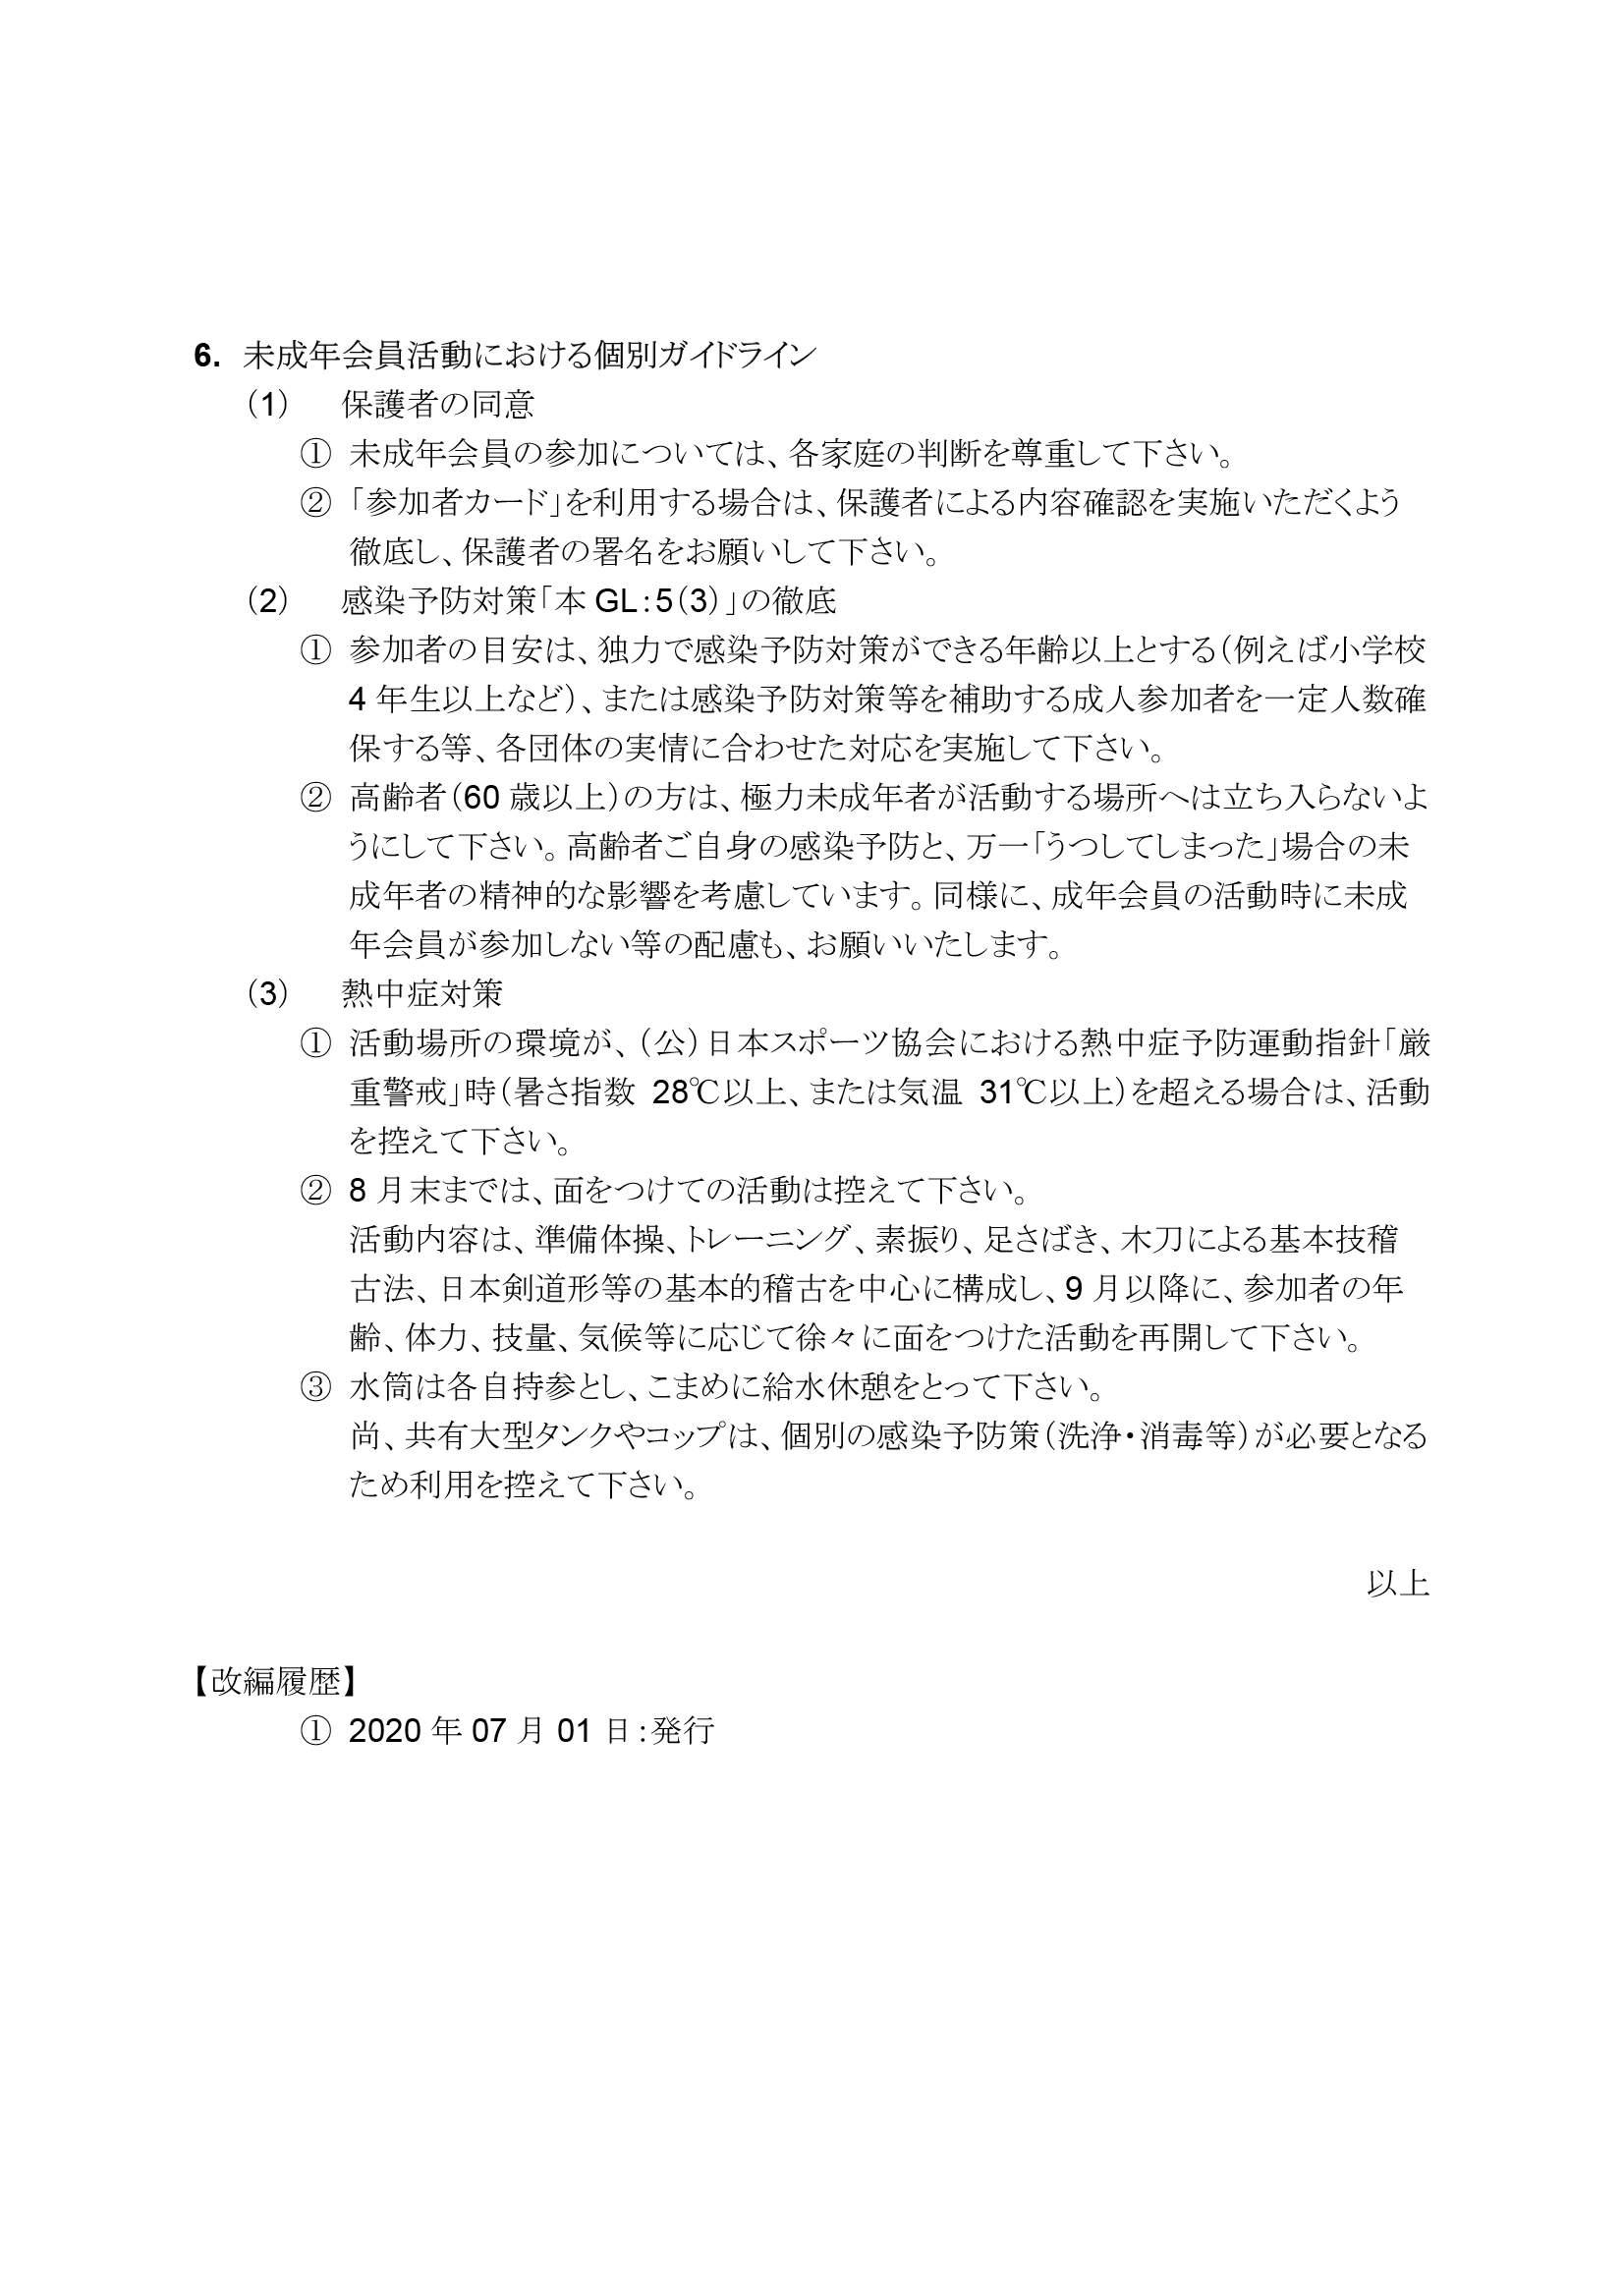 流剣連活動再開ガイドライン_0004